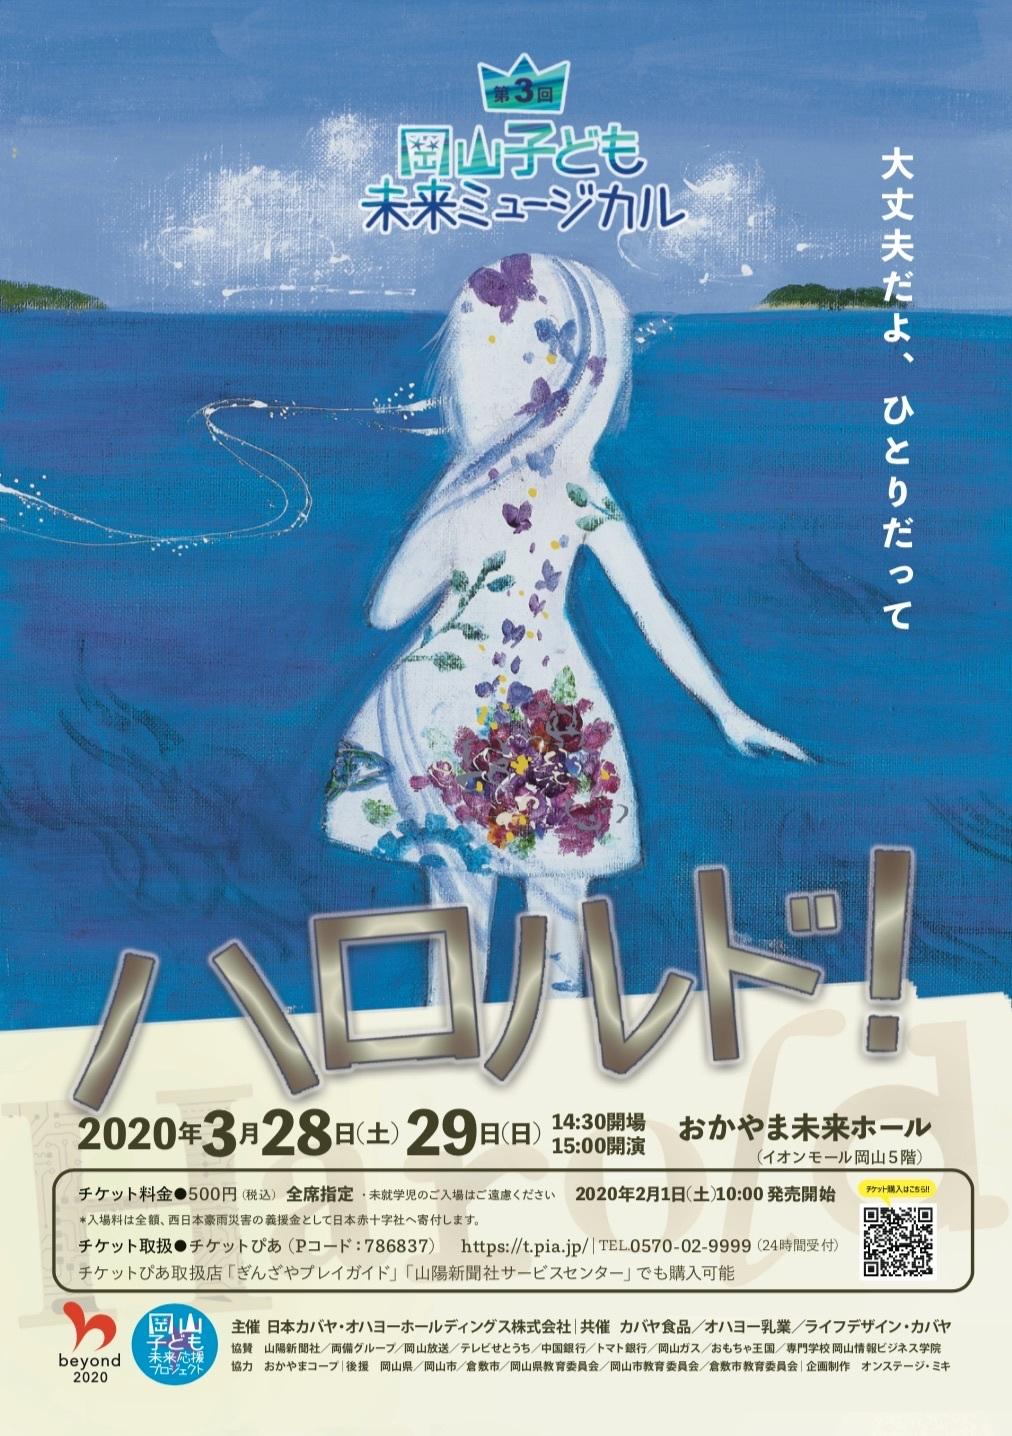 中村容子が3月28日29日岡山でのミュージカルに出演します。_a0125023_10205001.jpeg